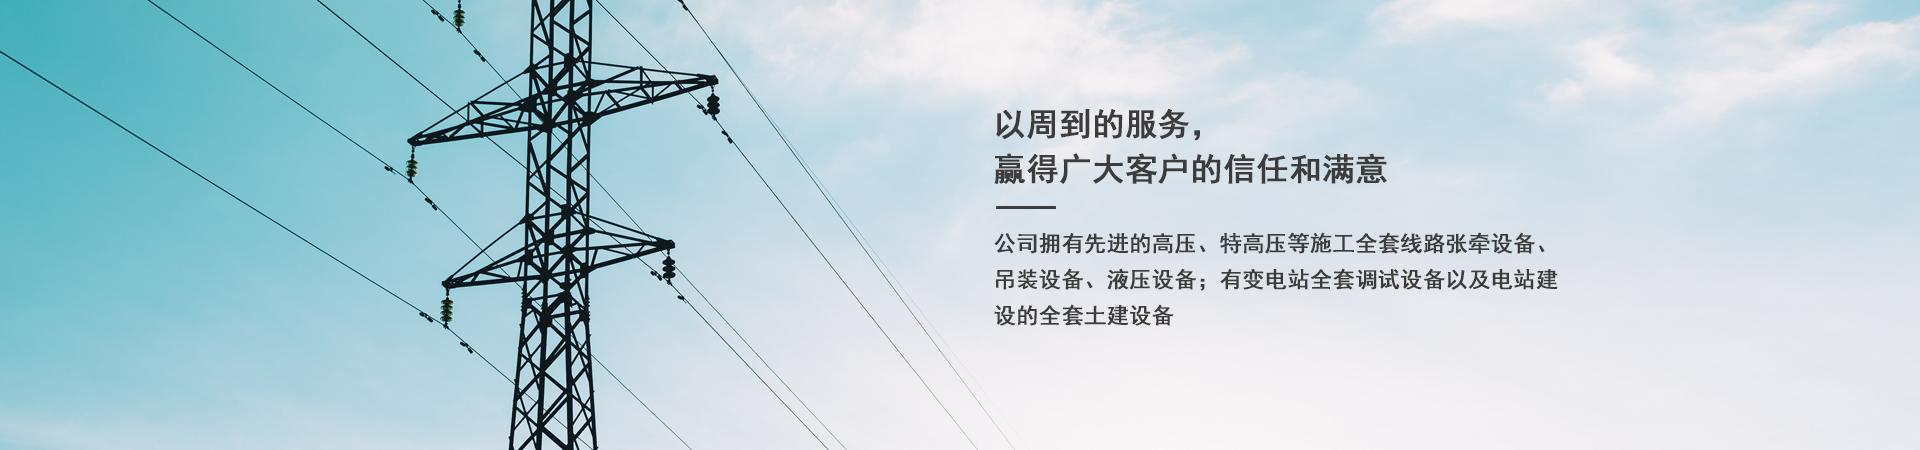 http://www.ynkebo.com/data/upload/201911/20191119102345_544.jpg